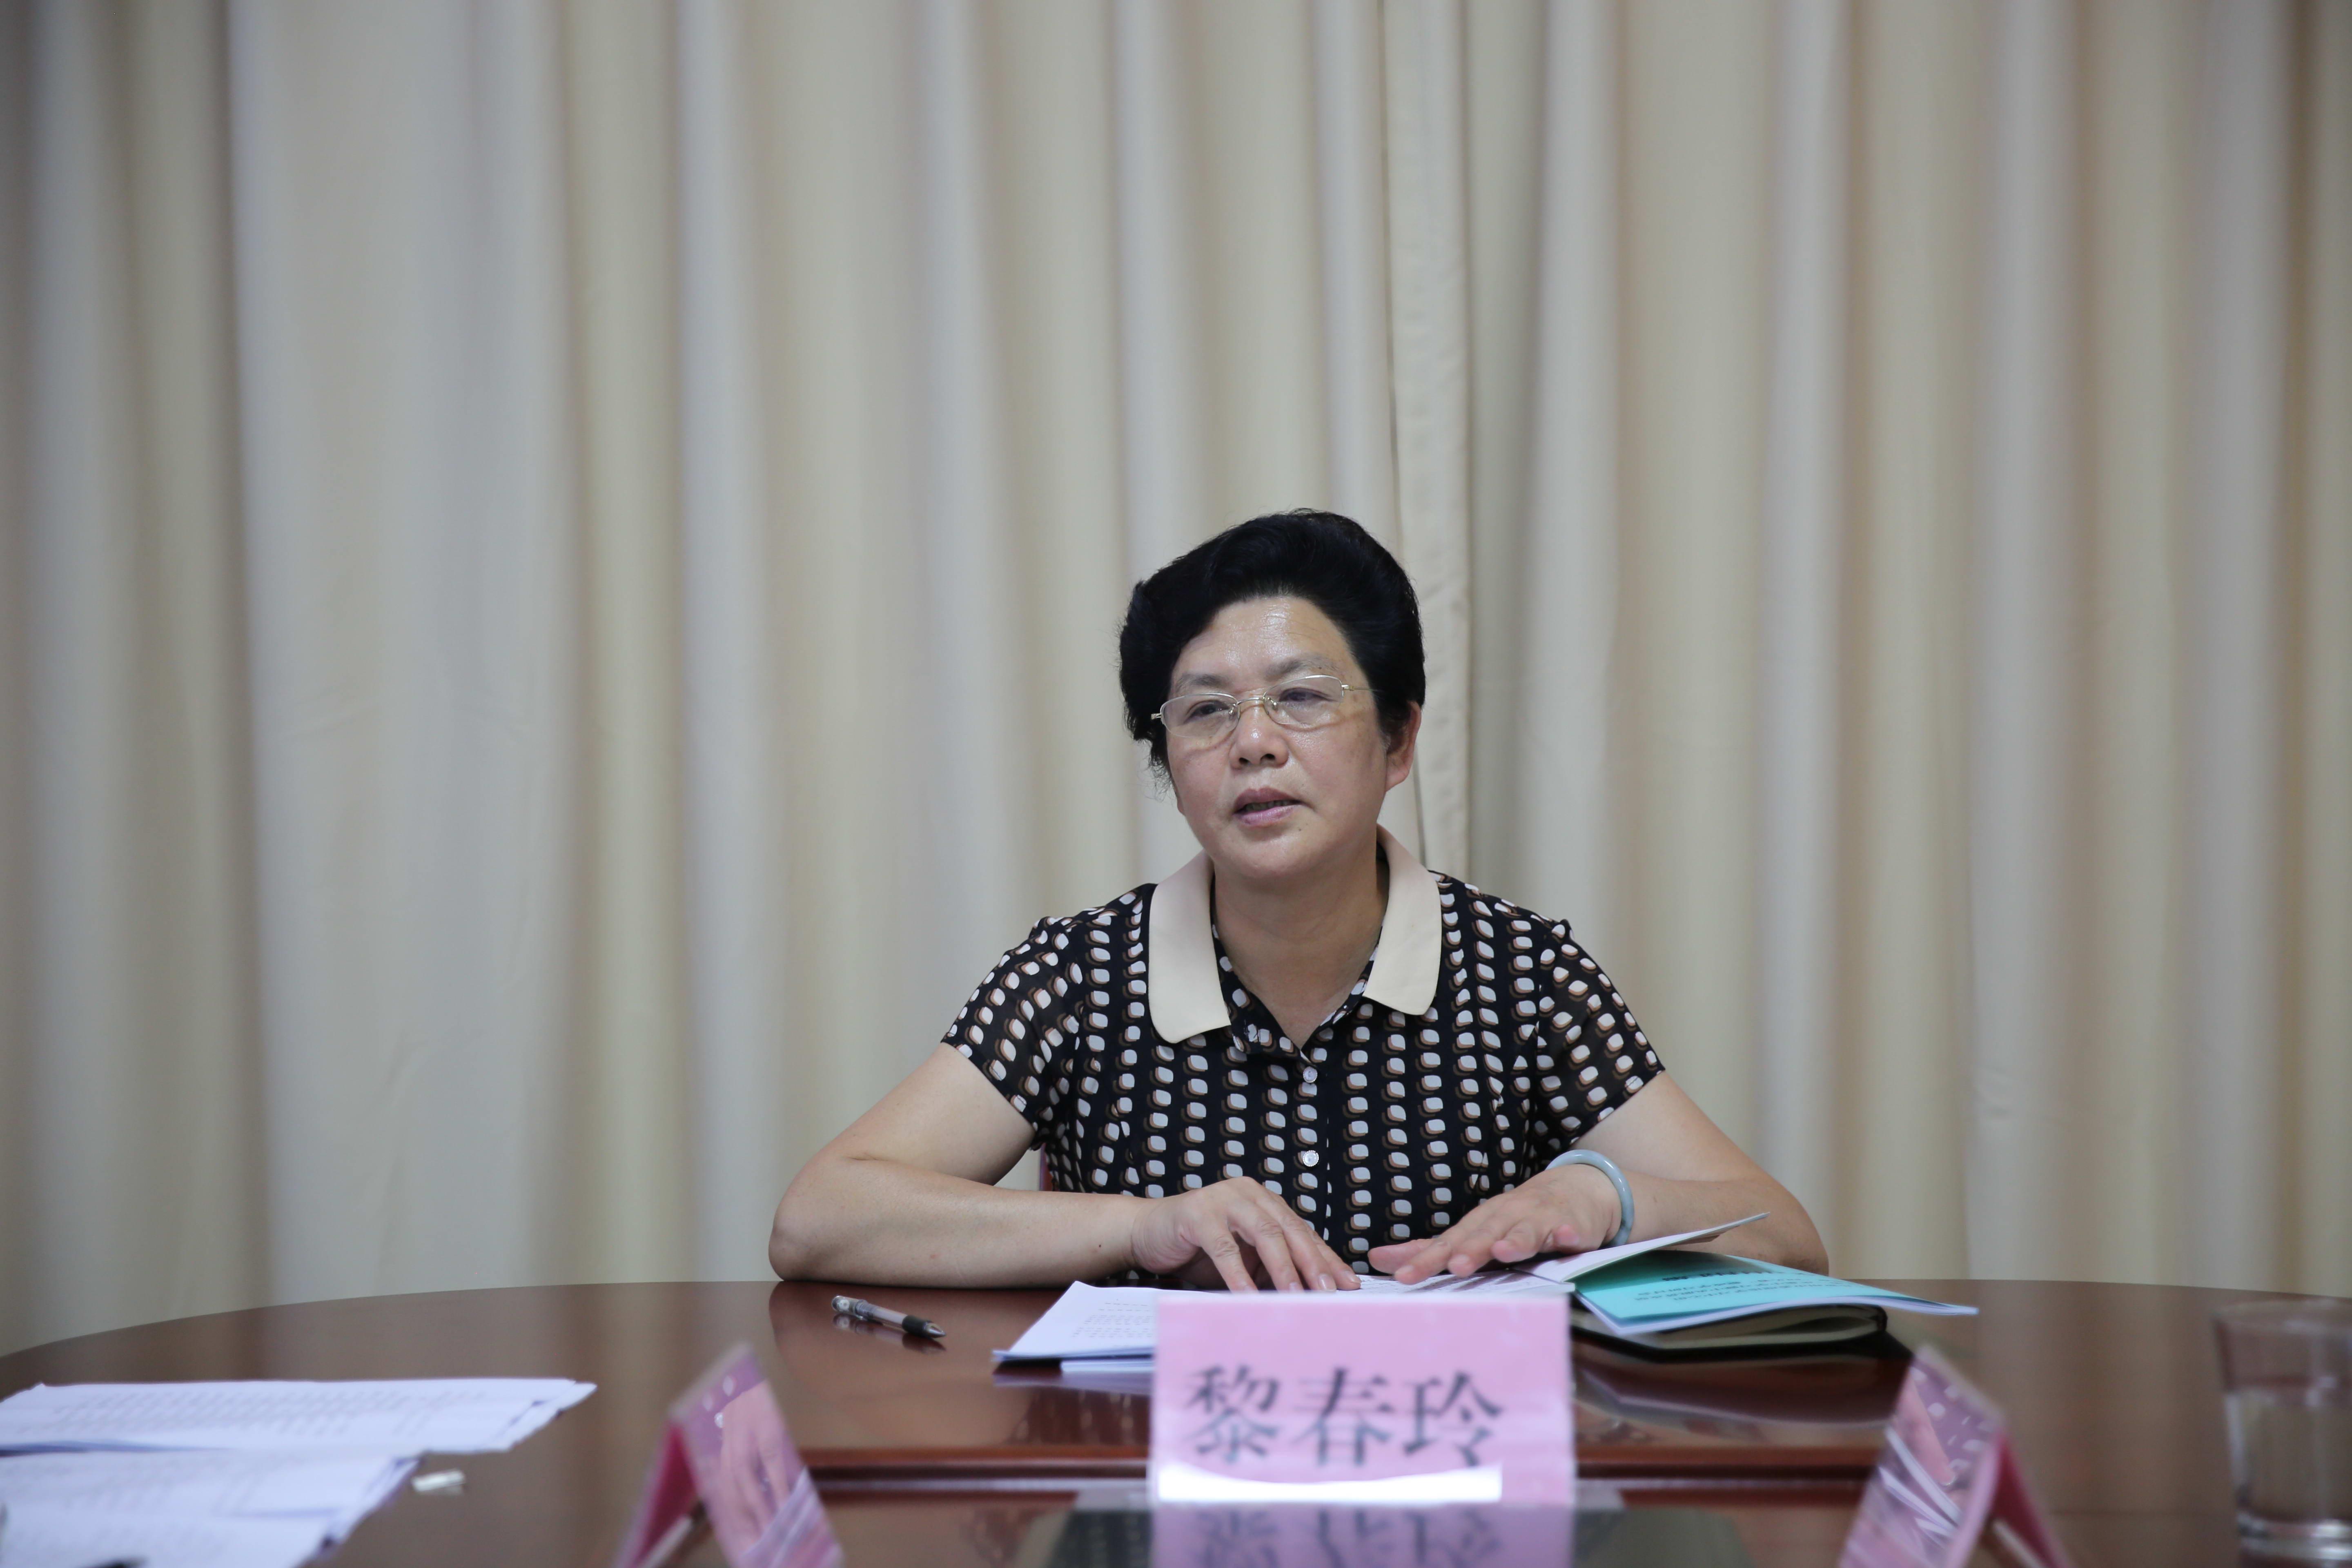 图为北京幸运28党组书记、理事长黎春玲作个人对照检查.jpg